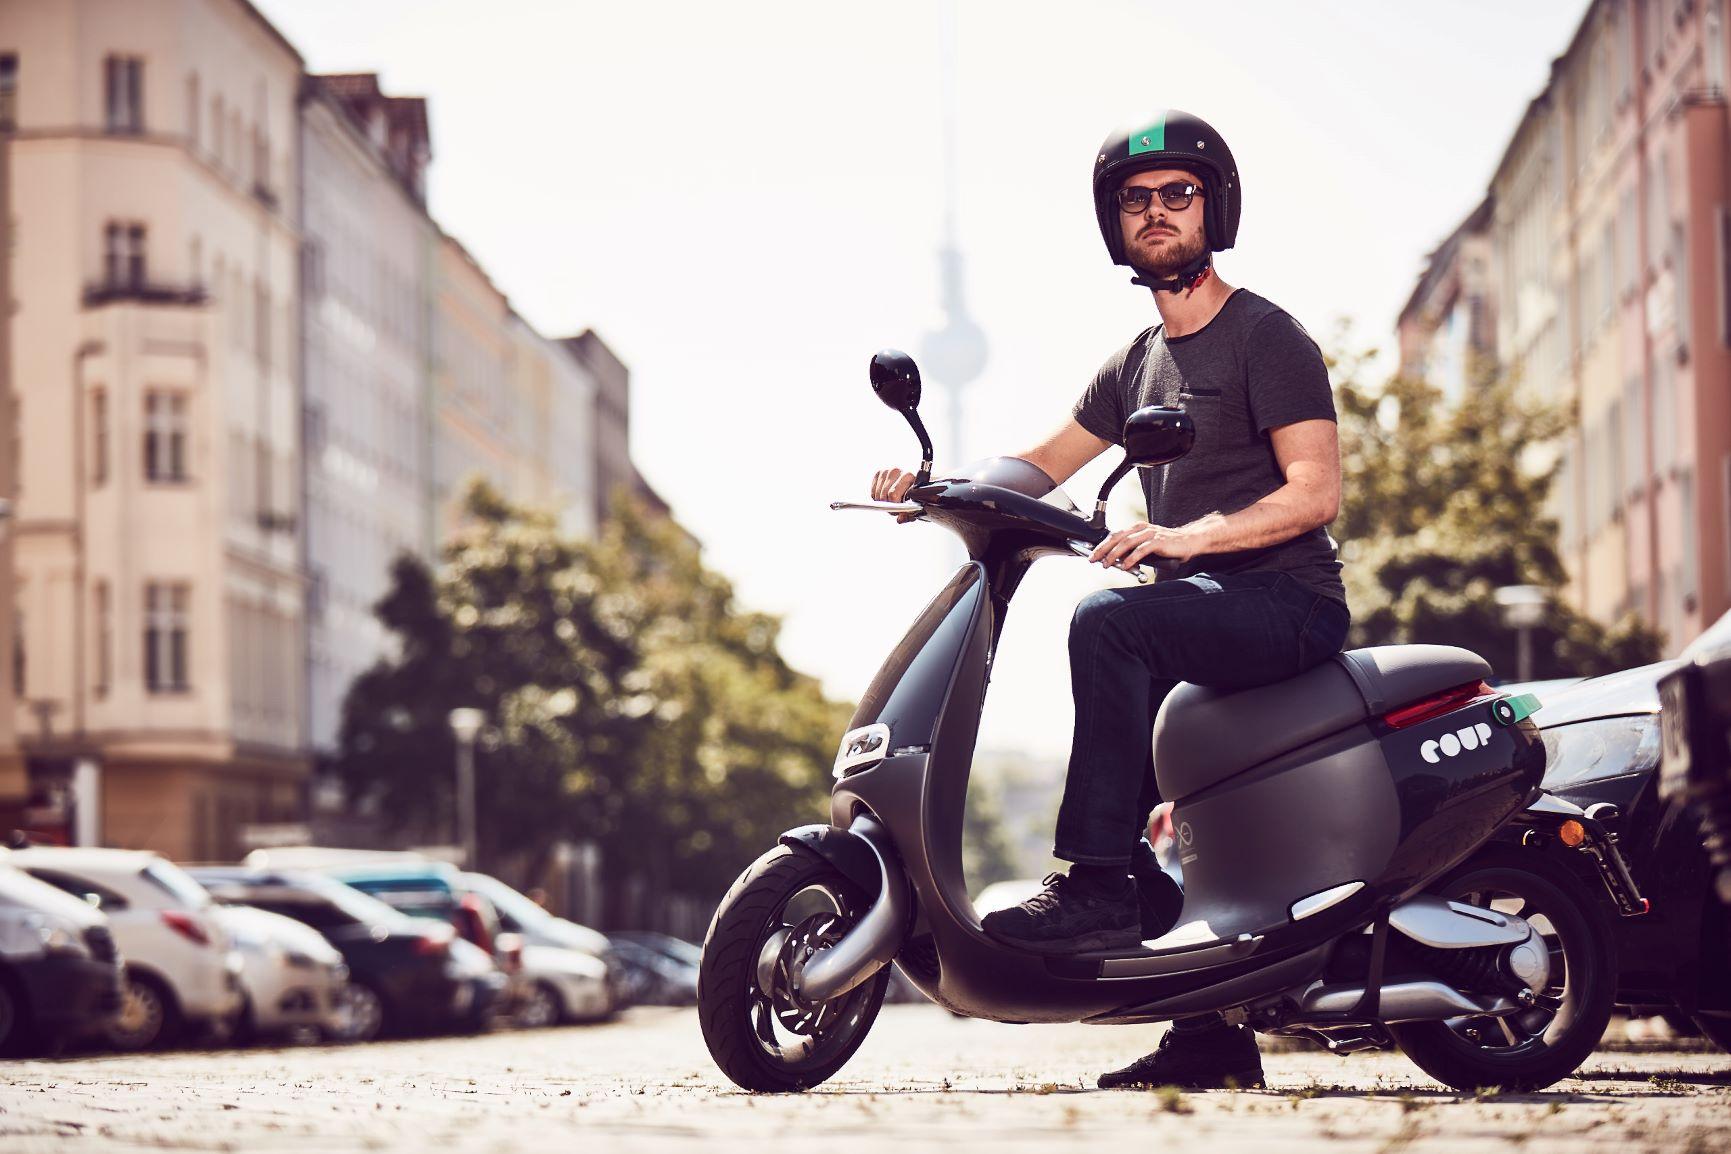 Coup stellt seinen Roller-Betrieb in Berlin und Tübingen ein. Foto: Coup